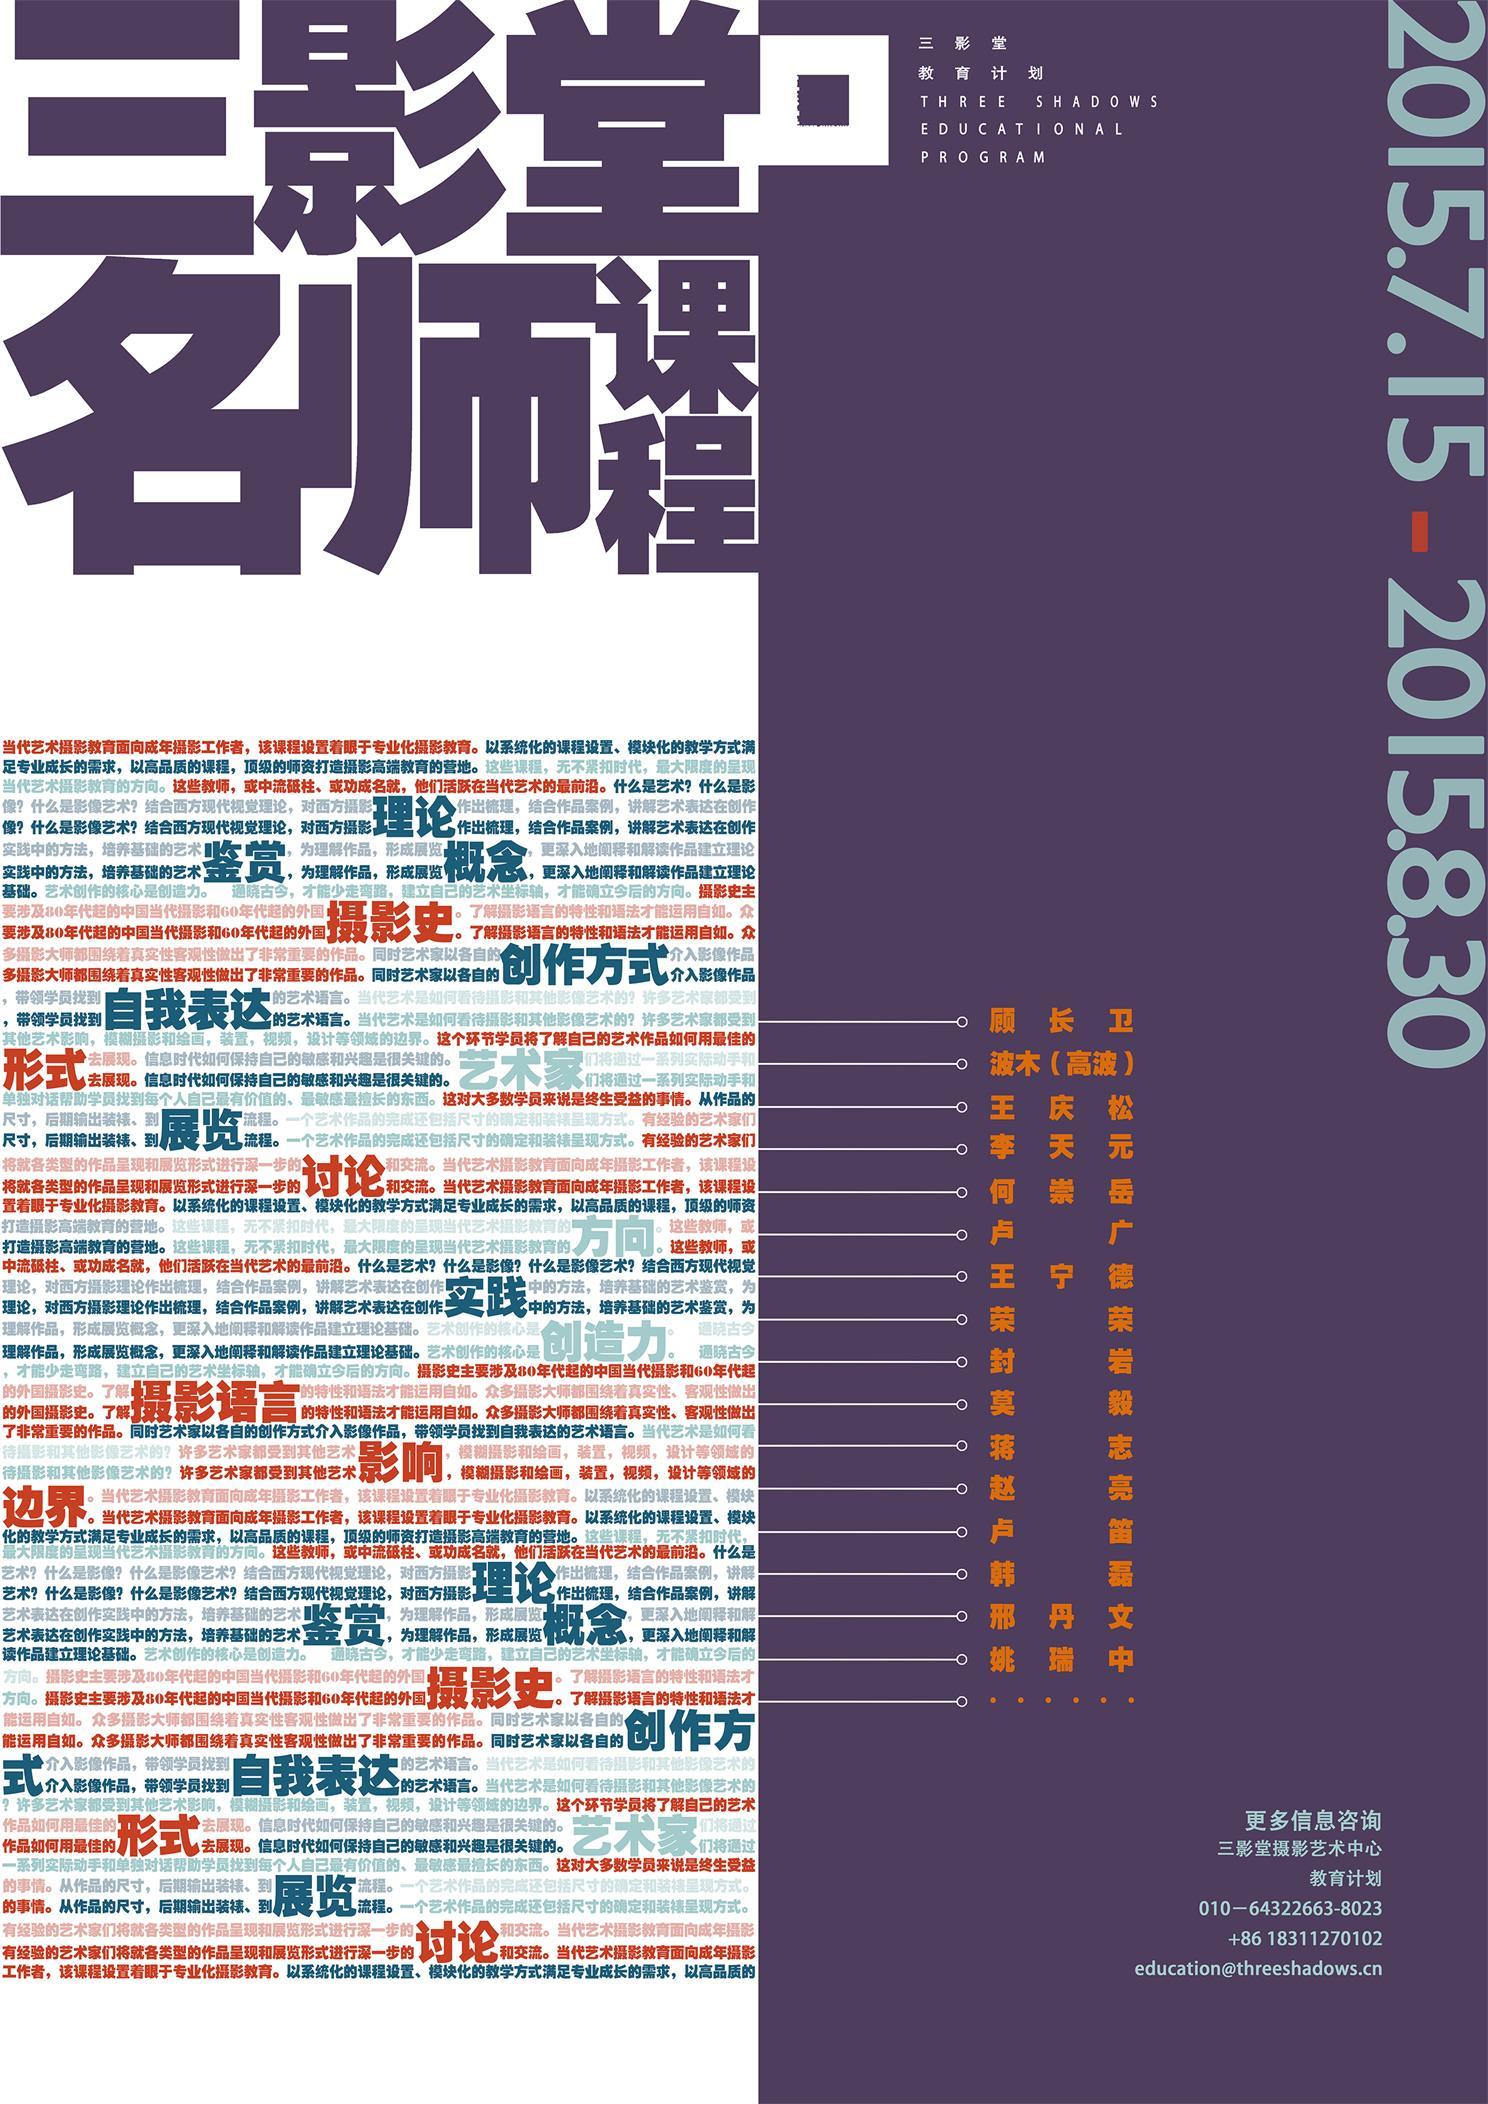 2015 名师课程 | 北京